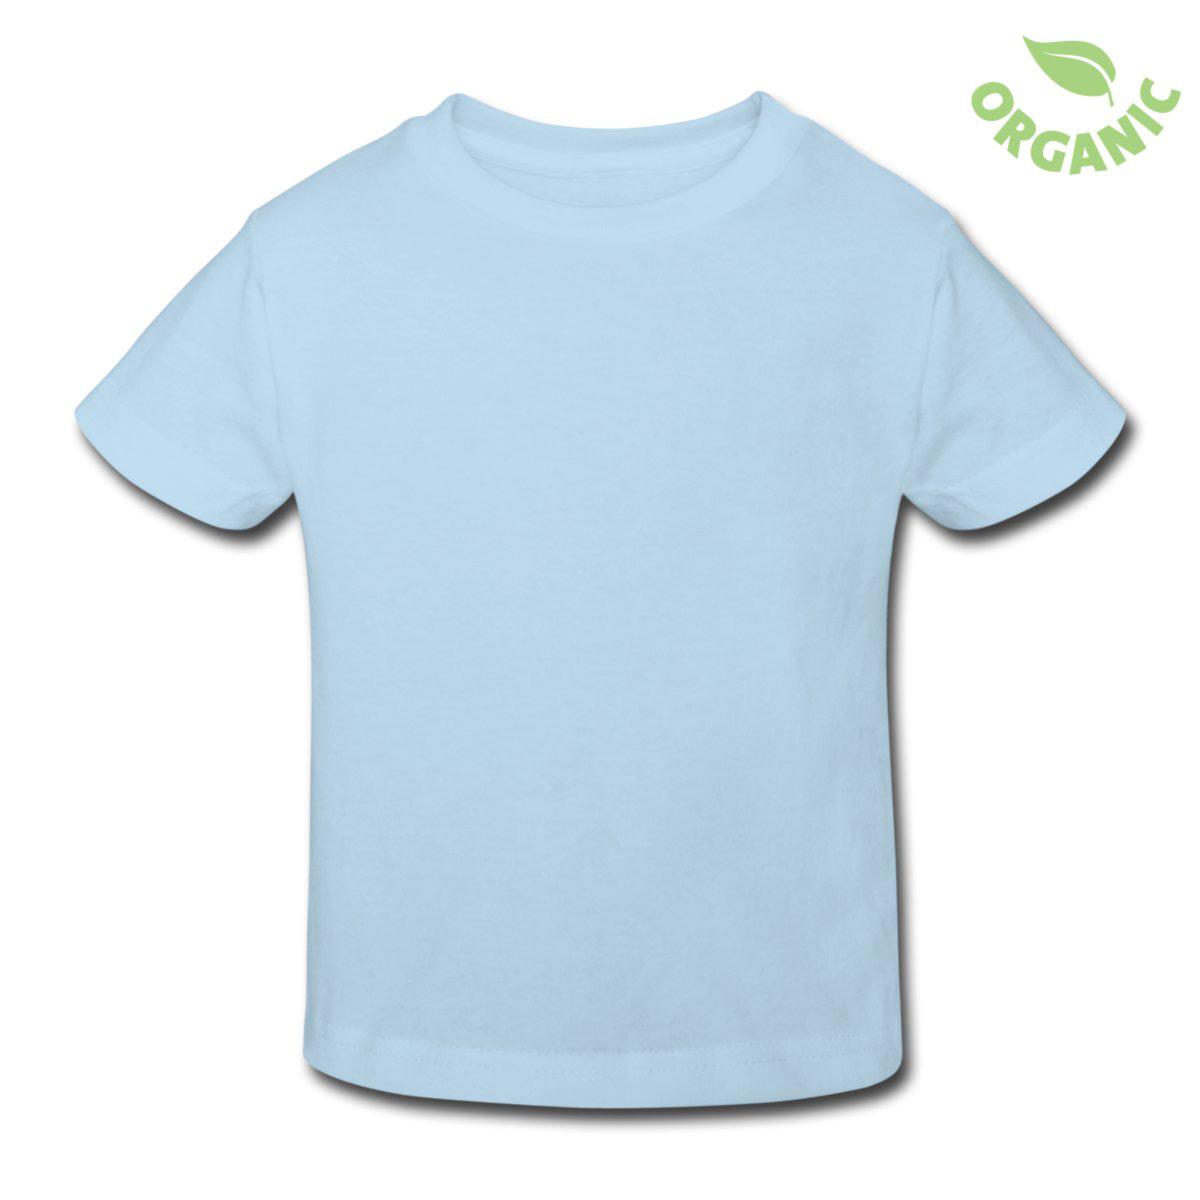 kinder bio tshirt bedrucken  bioshirt für kinder